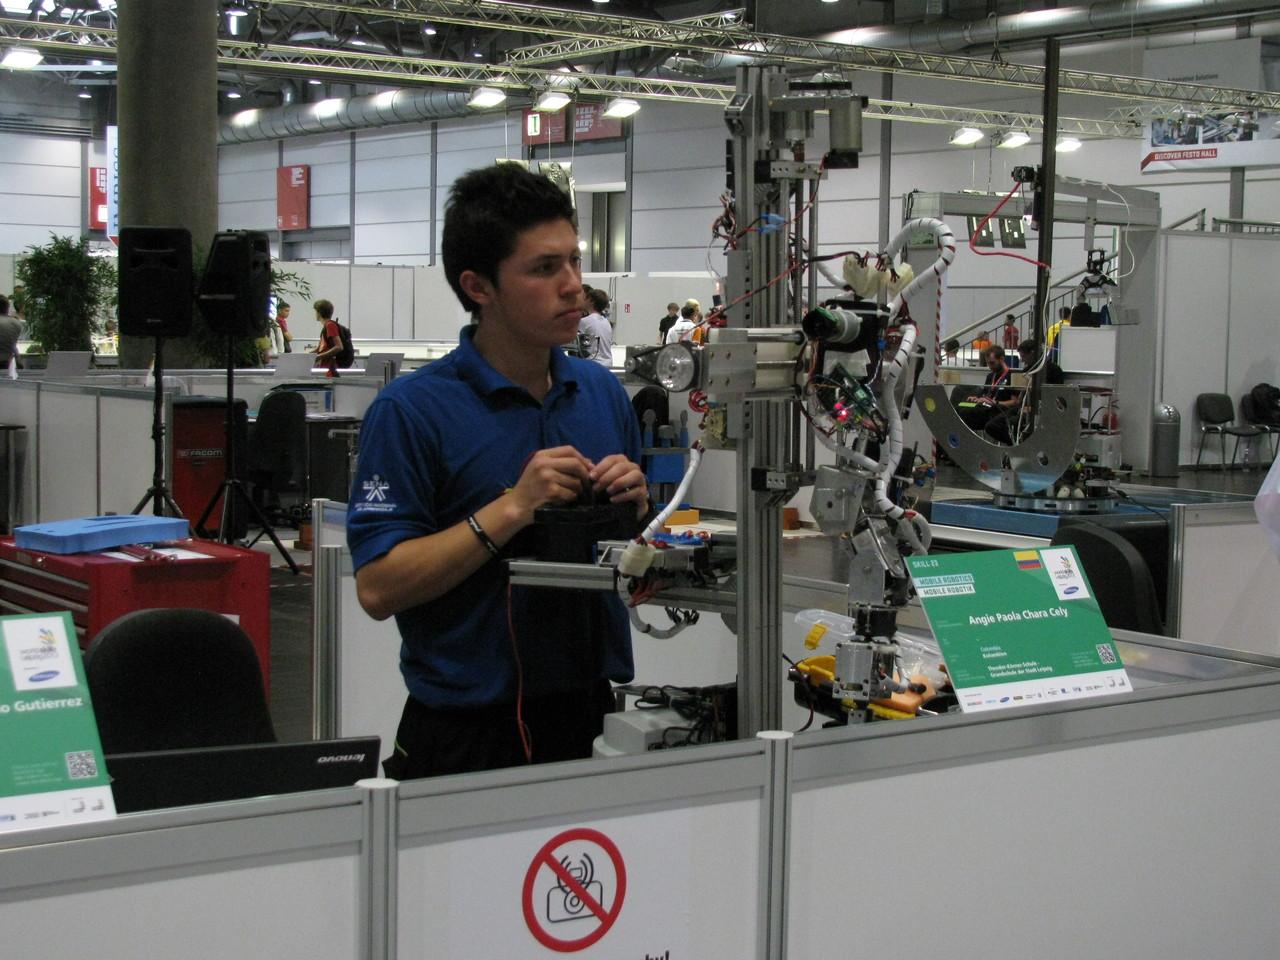 Angie Paola Chara Cely aus Columbien oder Herr Gutierrez - sie montierten im Kampf um den WM - Titel als Techniker in der Mobilen Robotik